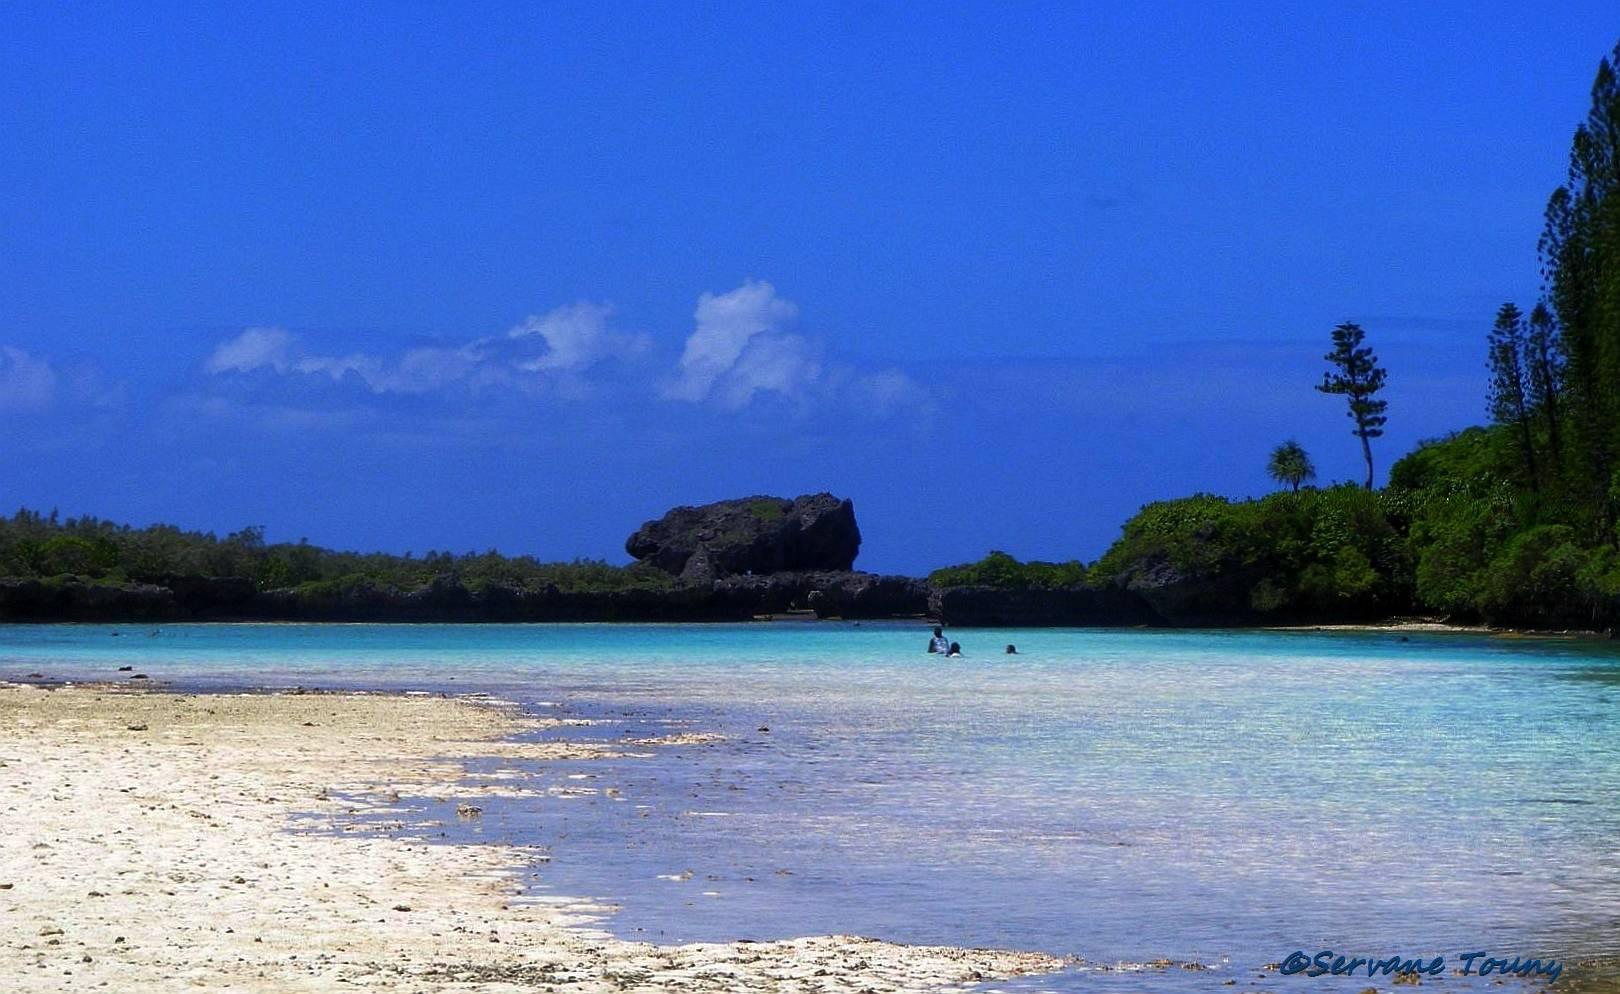 Photo 1: Ile des Pins - Nouvelle Calédonie -